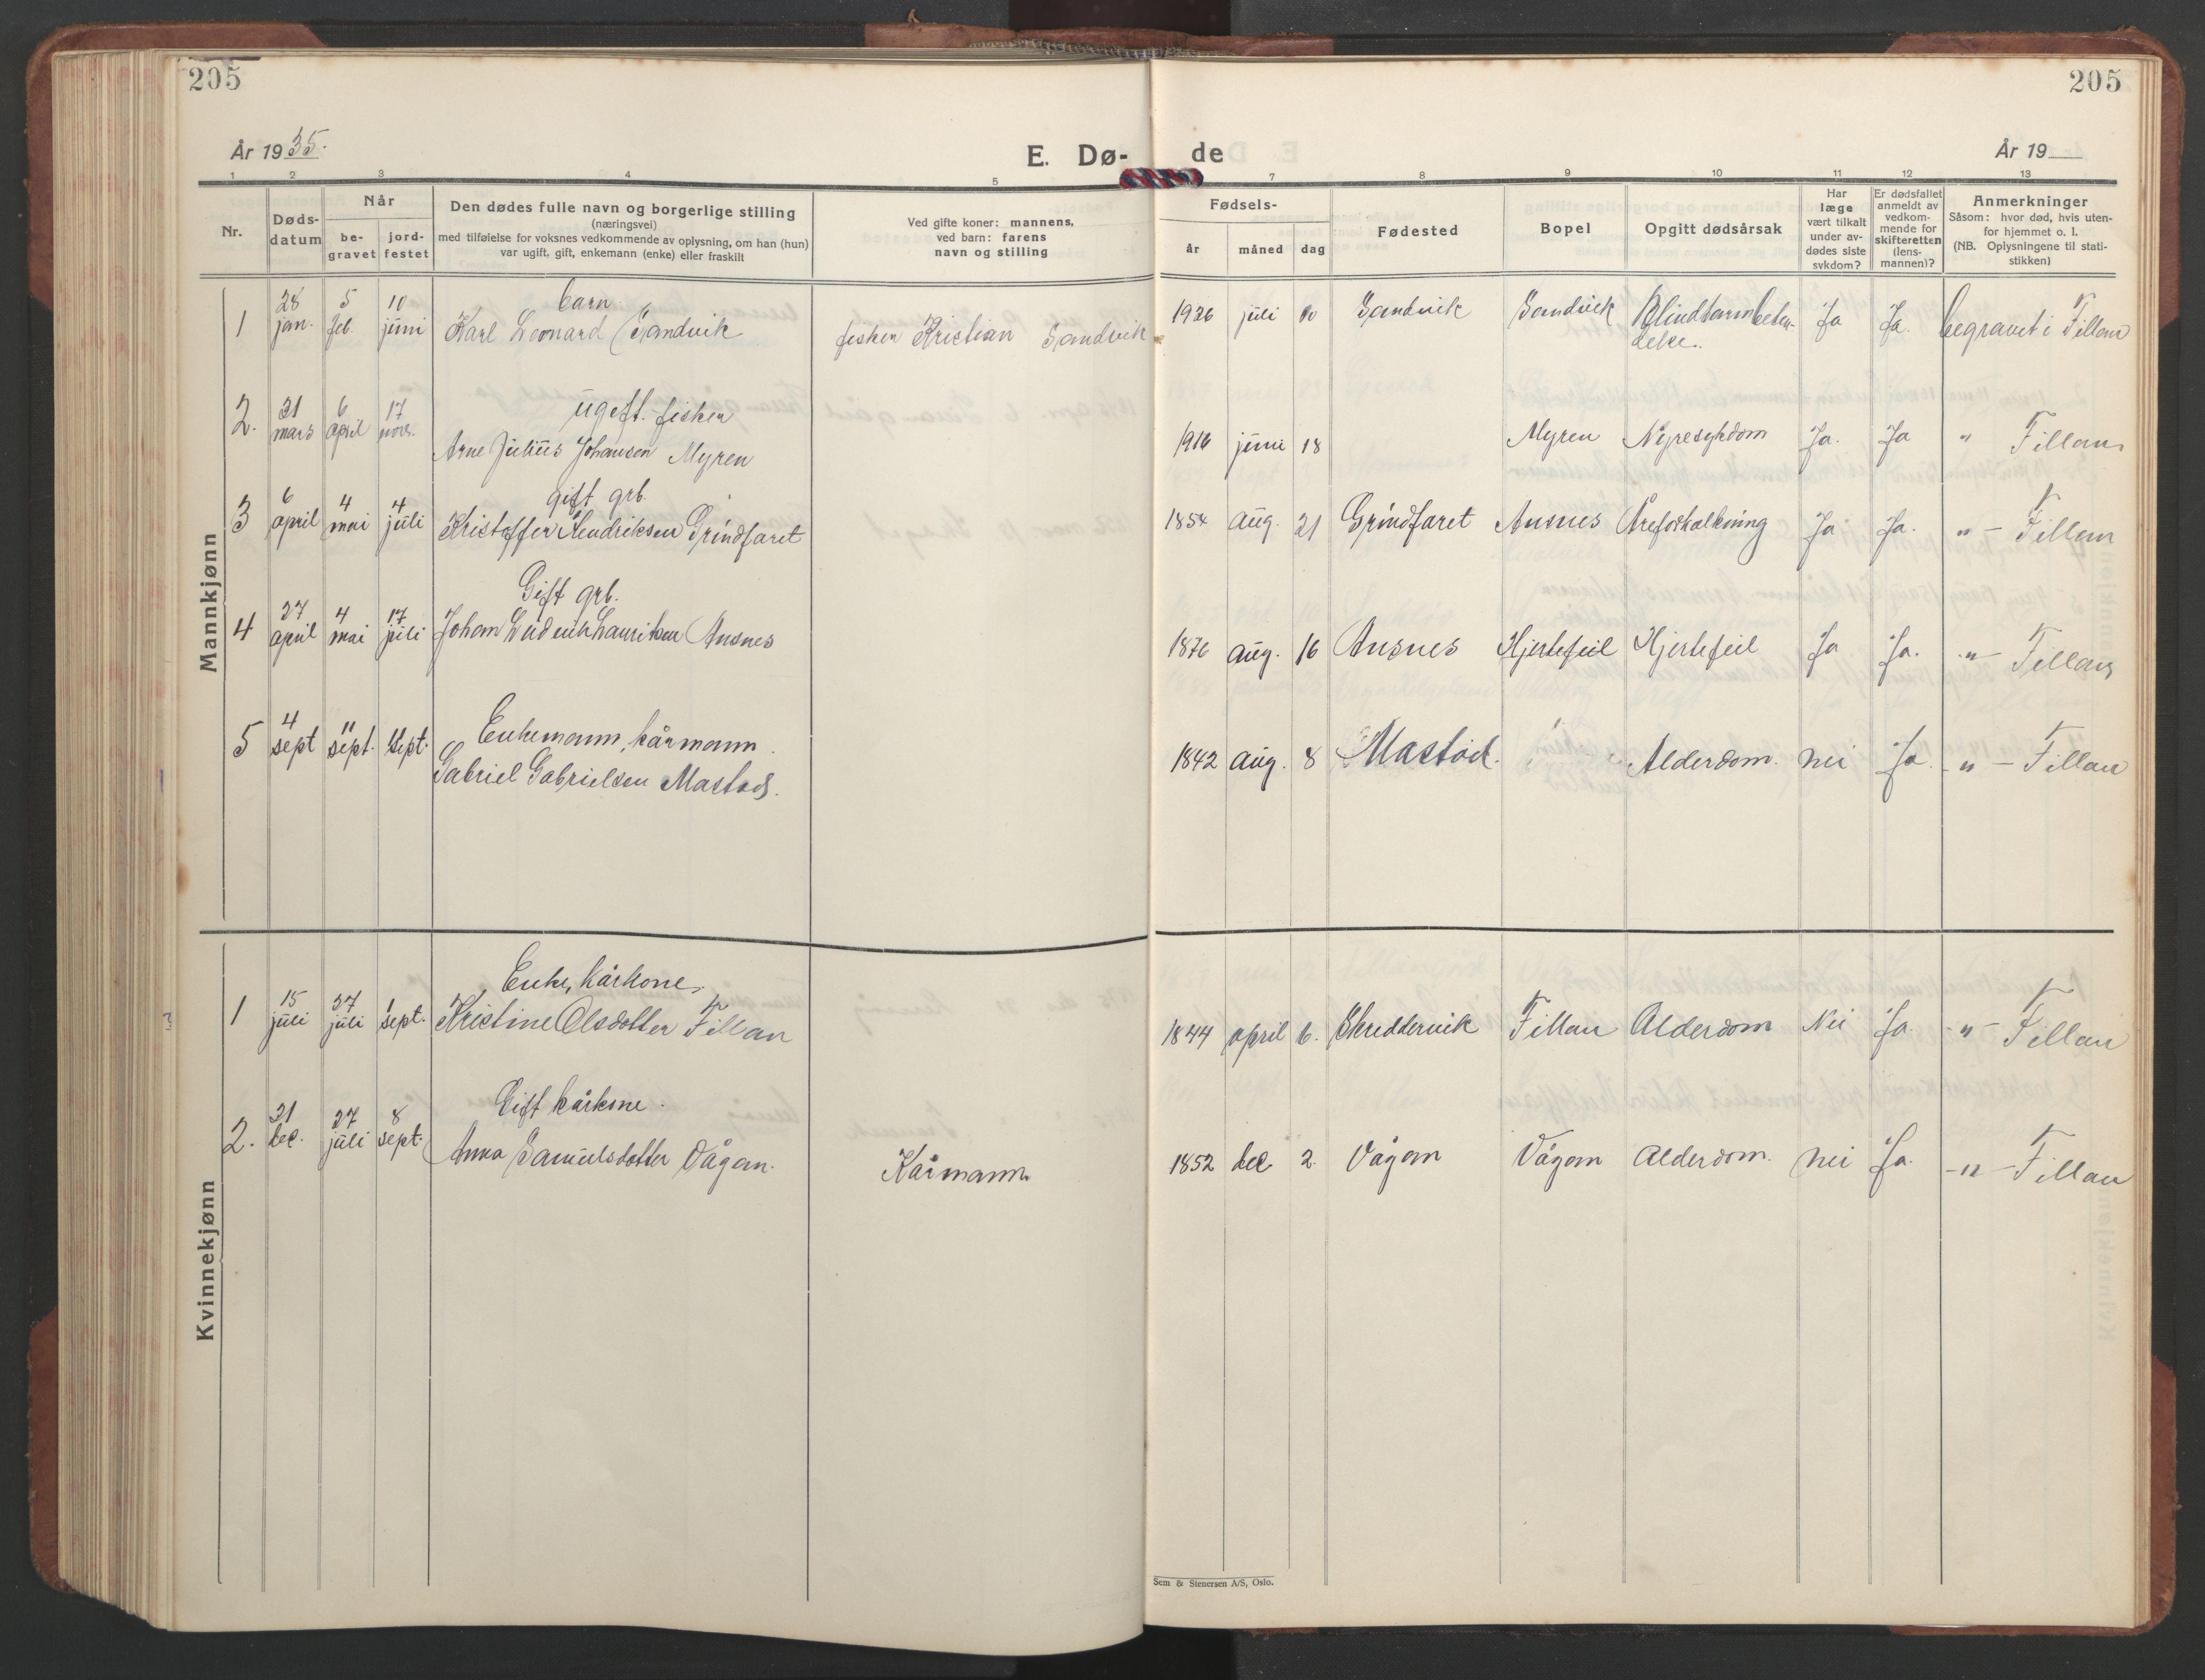 SAT, Ministerialprotokoller, klokkerbøker og fødselsregistre - Sør-Trøndelag, 637/L0564: Klokkerbok nr. 637C05, 1928-1968, s. 205